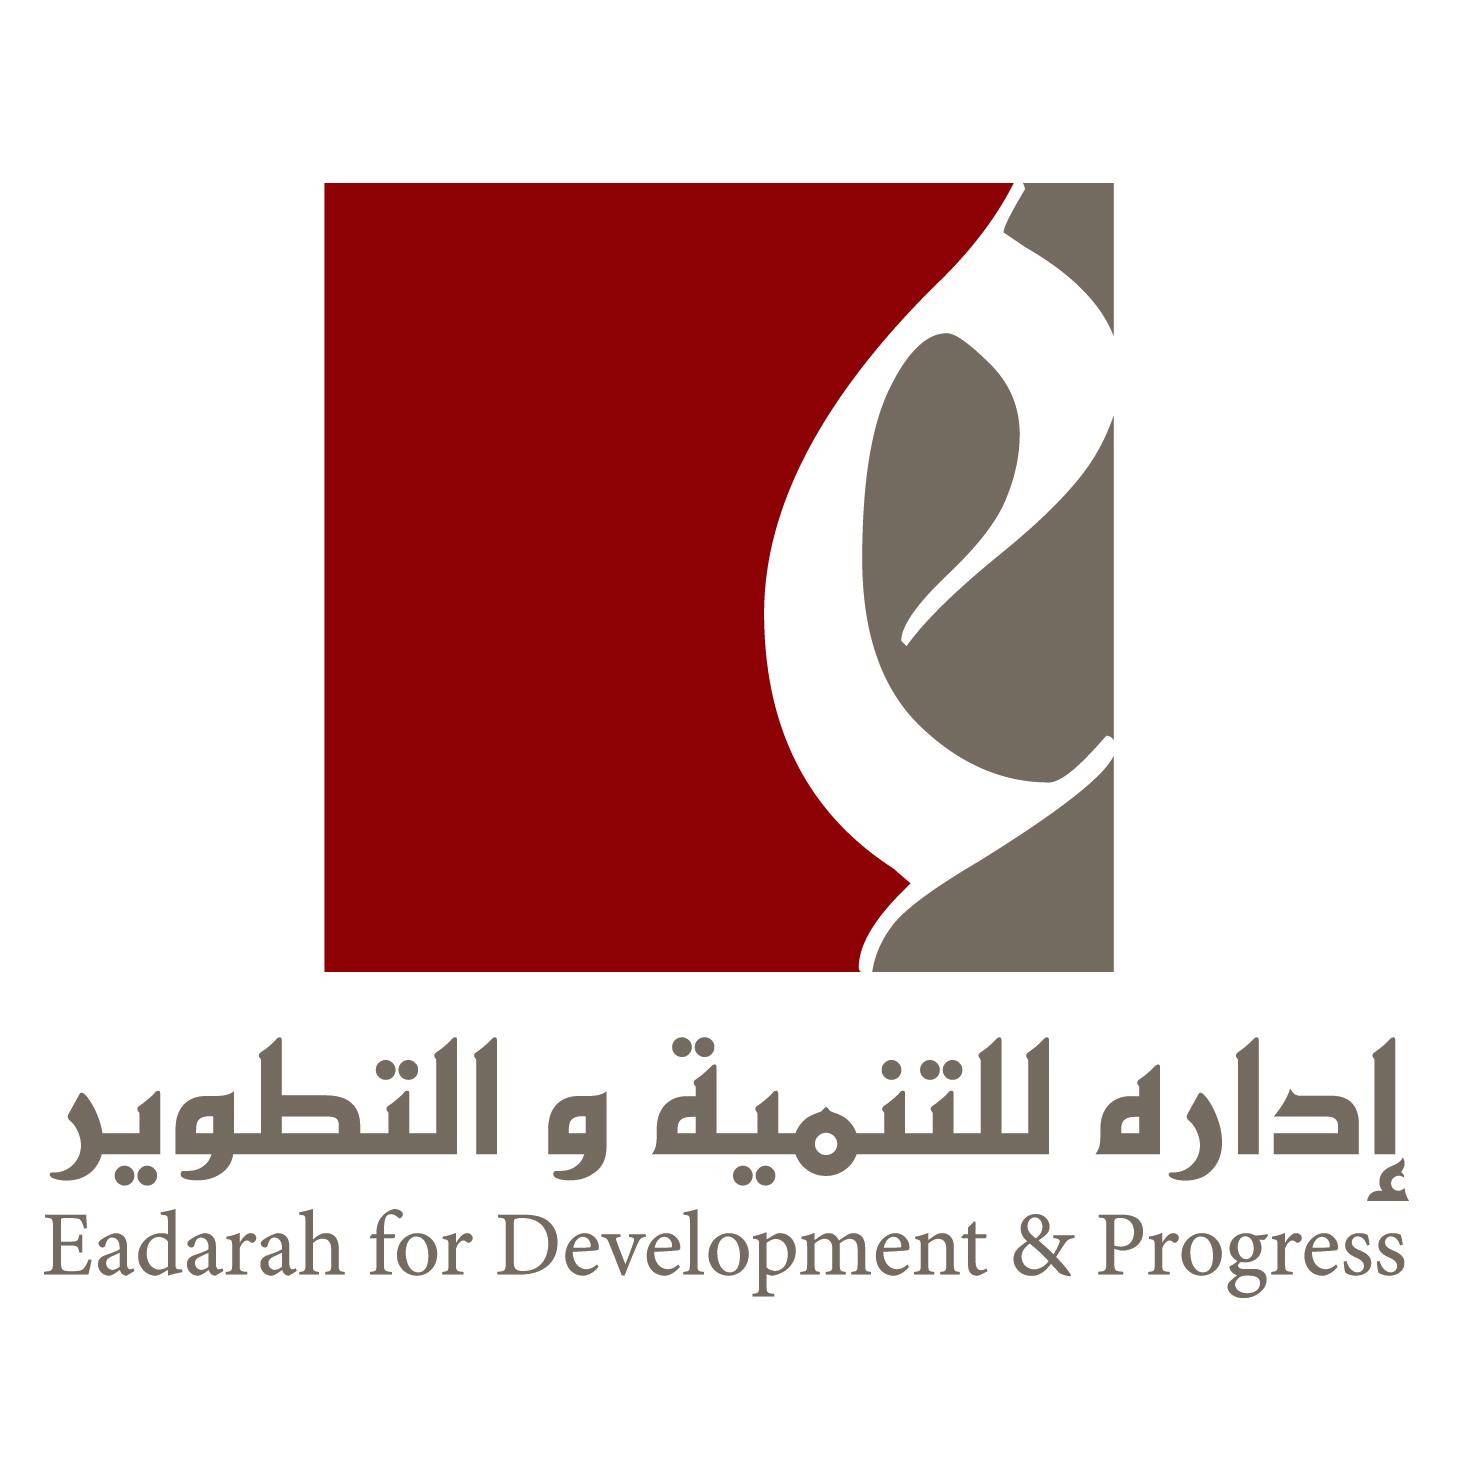 حصول شركة إدارة للتنمية والتطوير على شهادة الآيزو 9001 ISO في إدارة الجودة